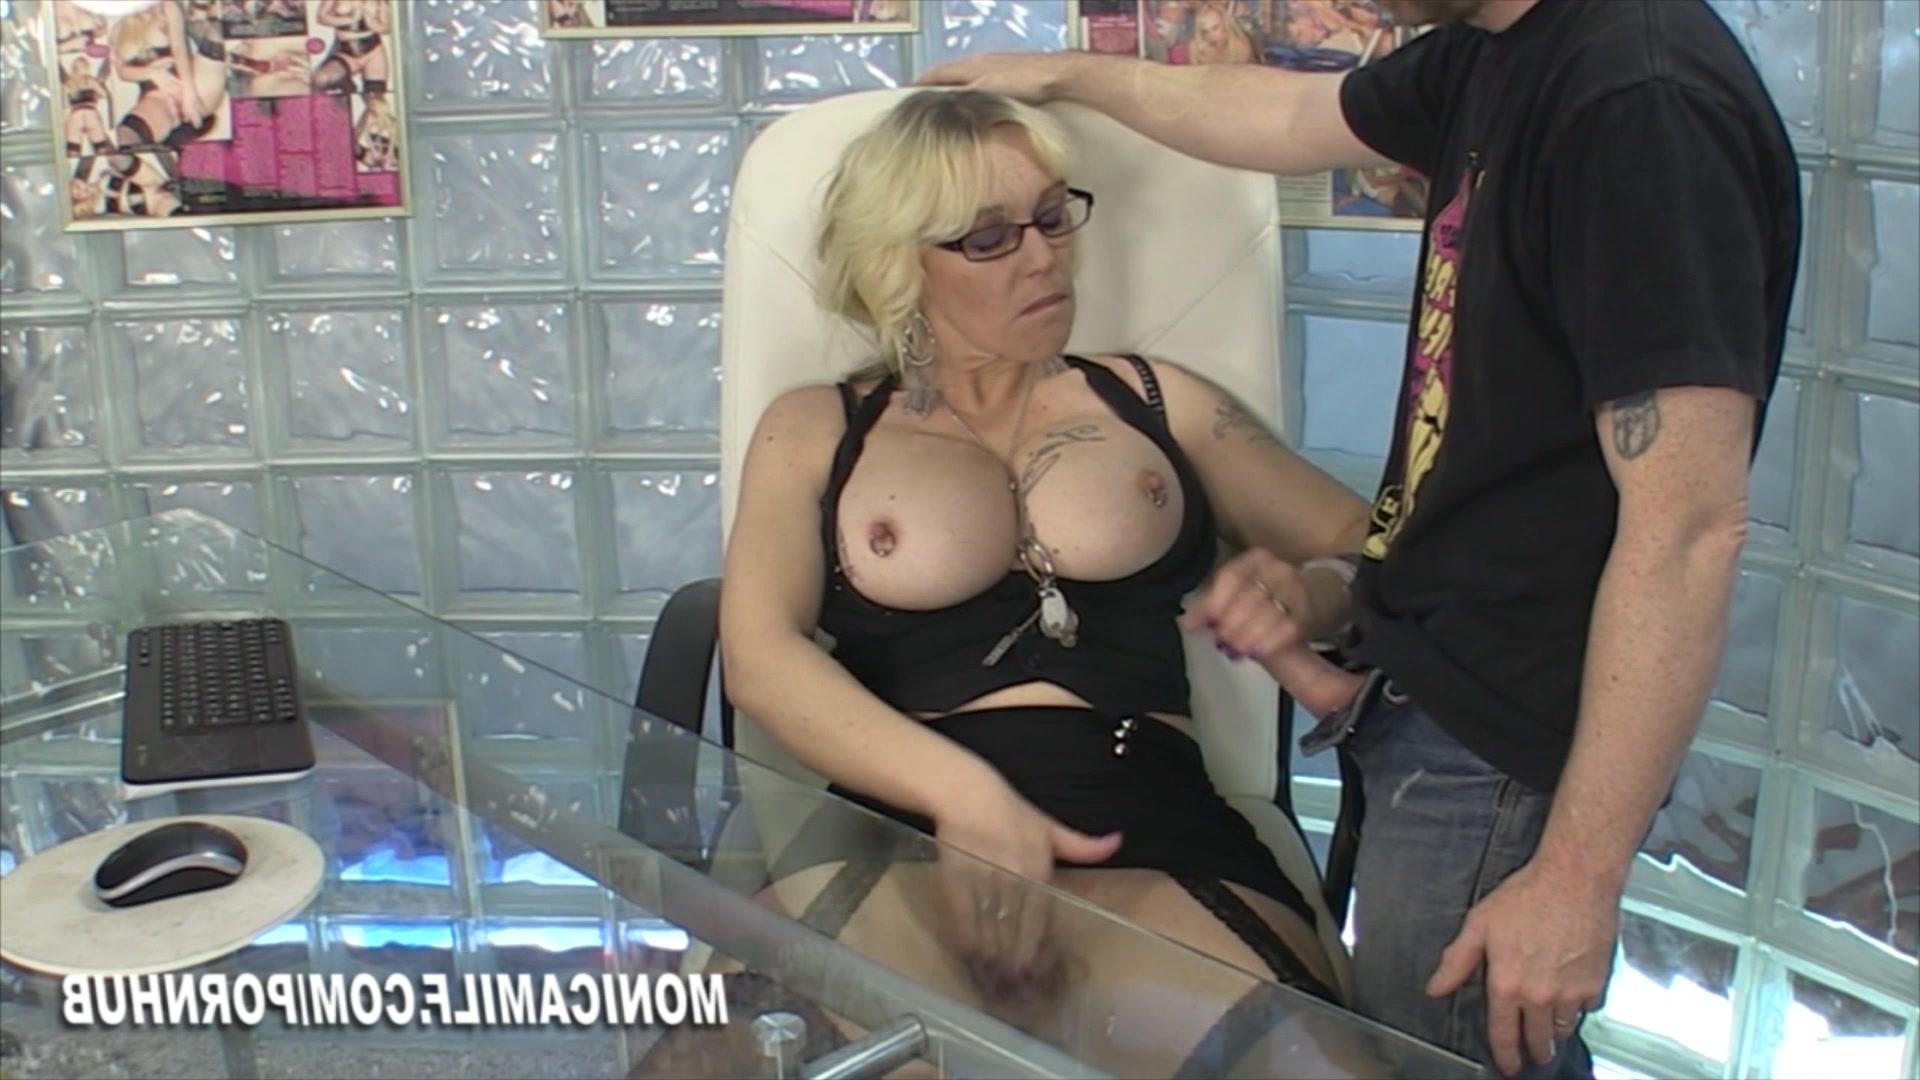 Смотреть порно онлайн красотка с классной грудью 18 фотография